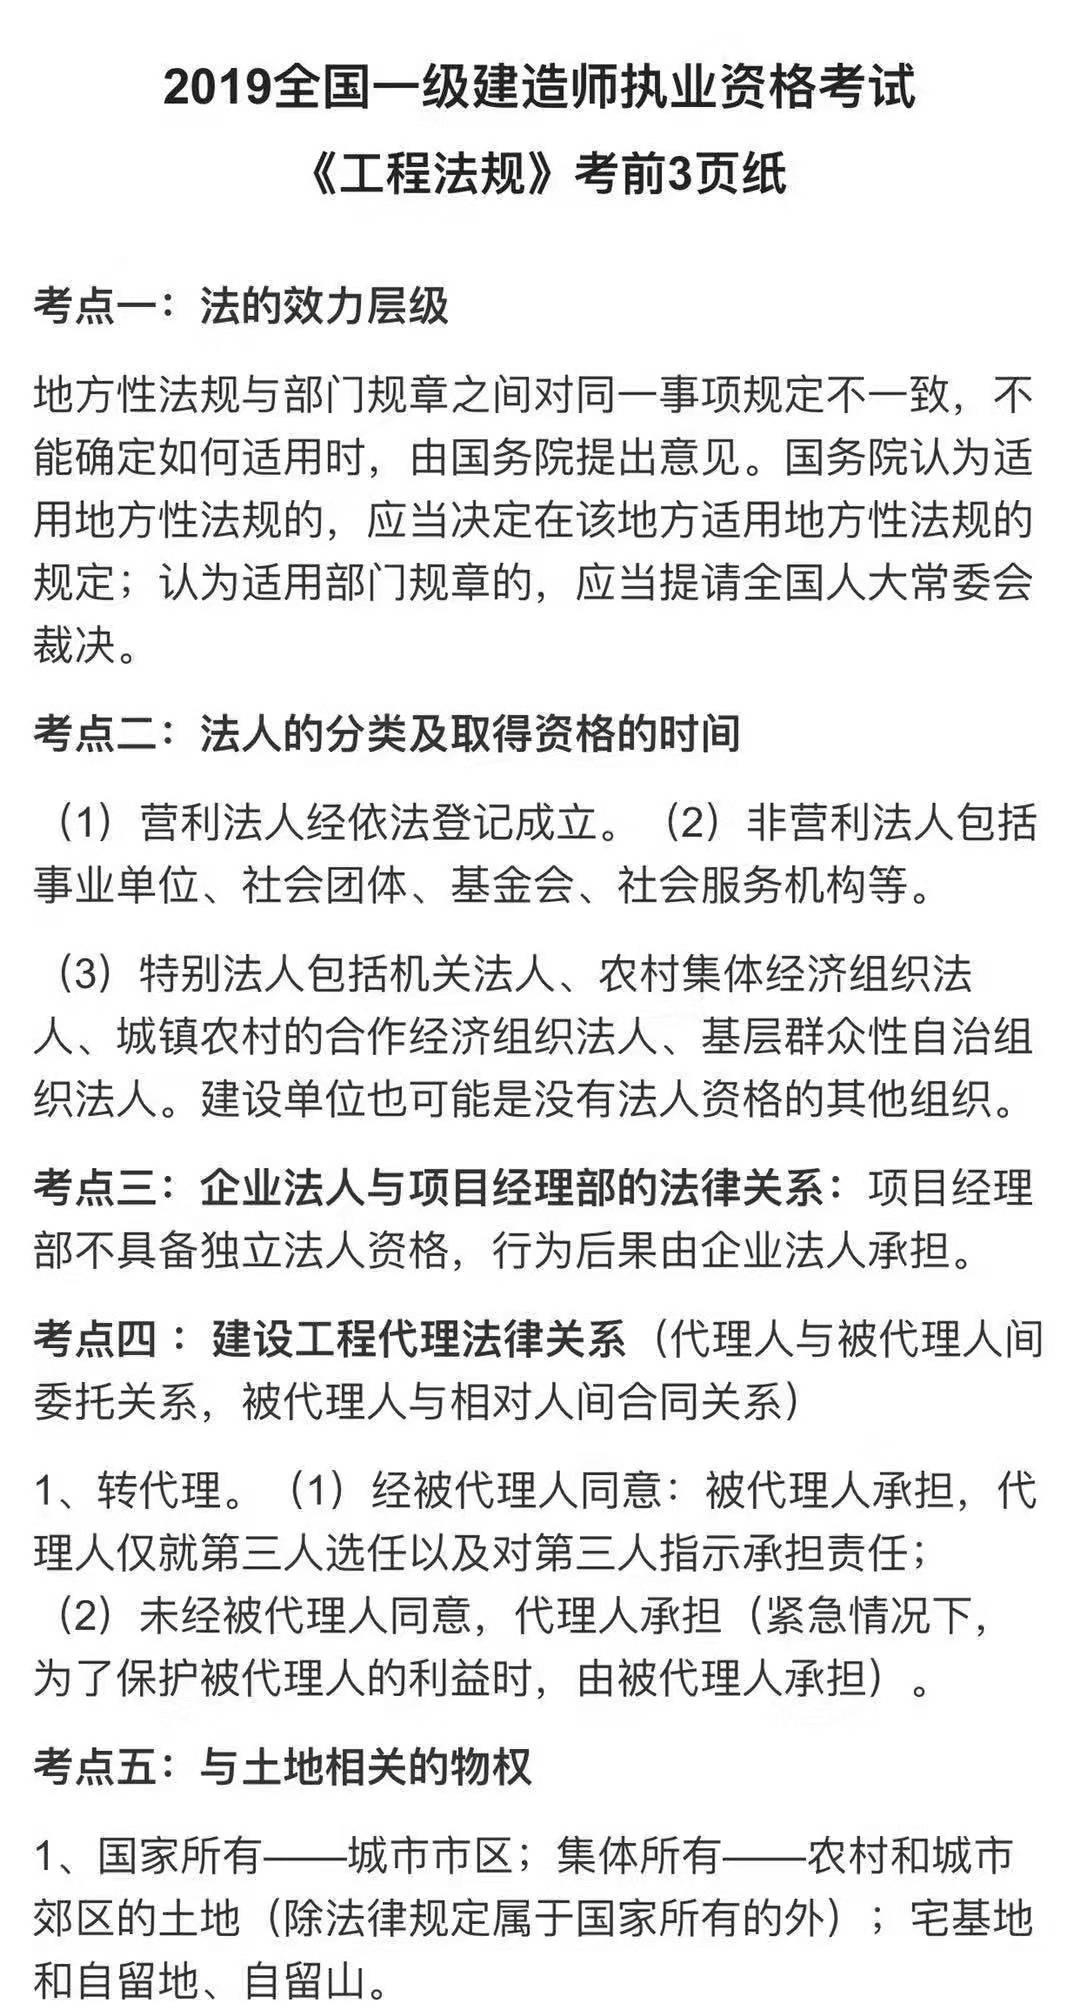 2019年一级建造师《法规》考前资料,绝密!!!